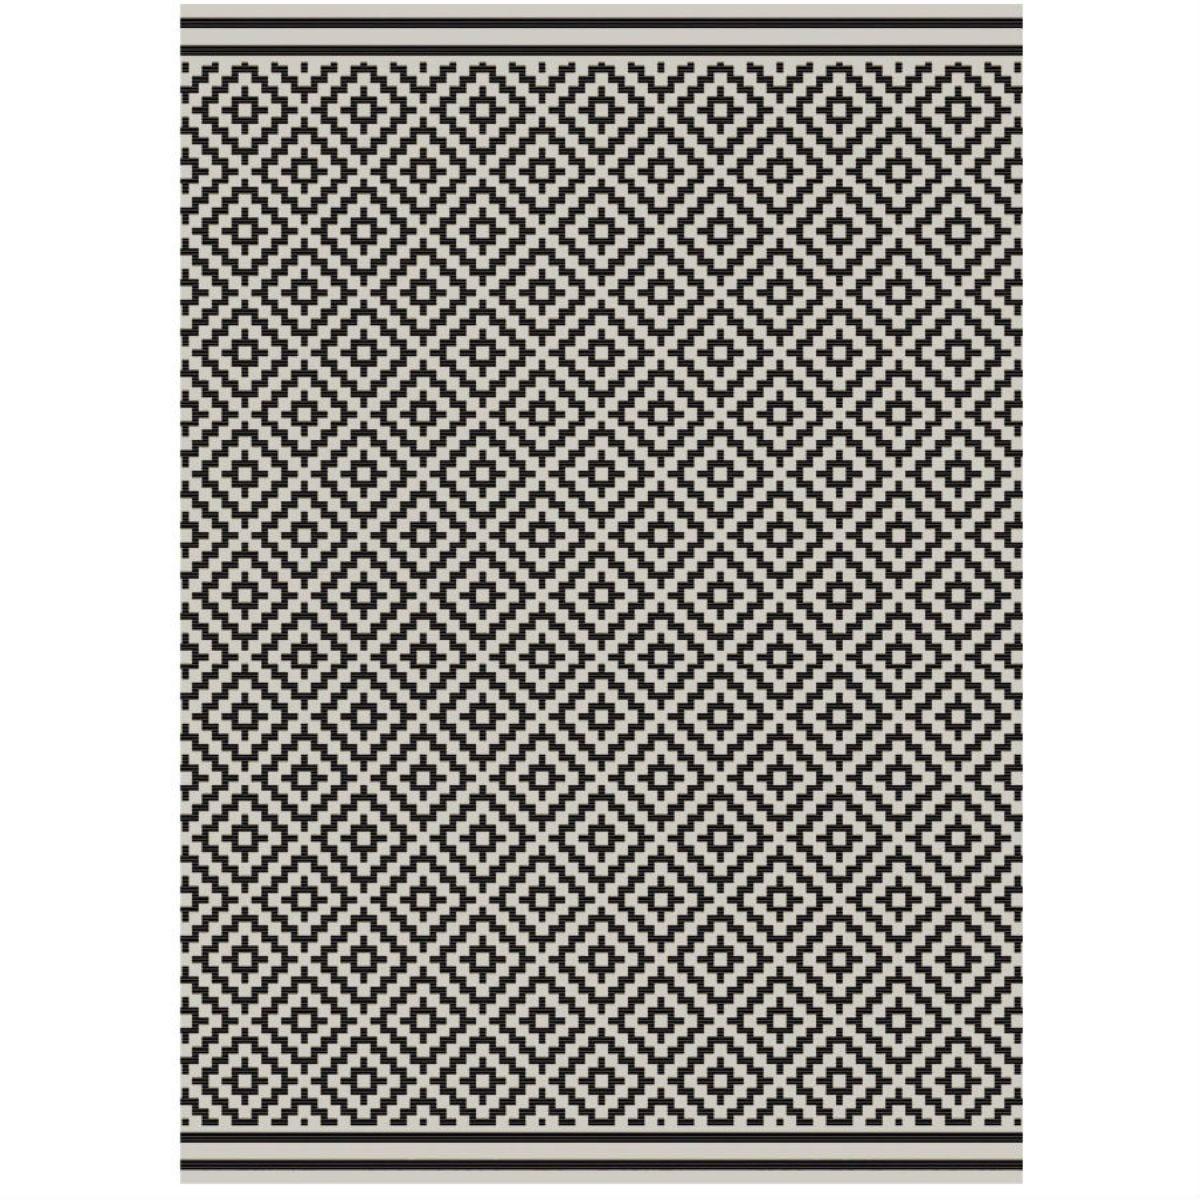 Asiatic Patio Rug, 200 x 290cm - Black